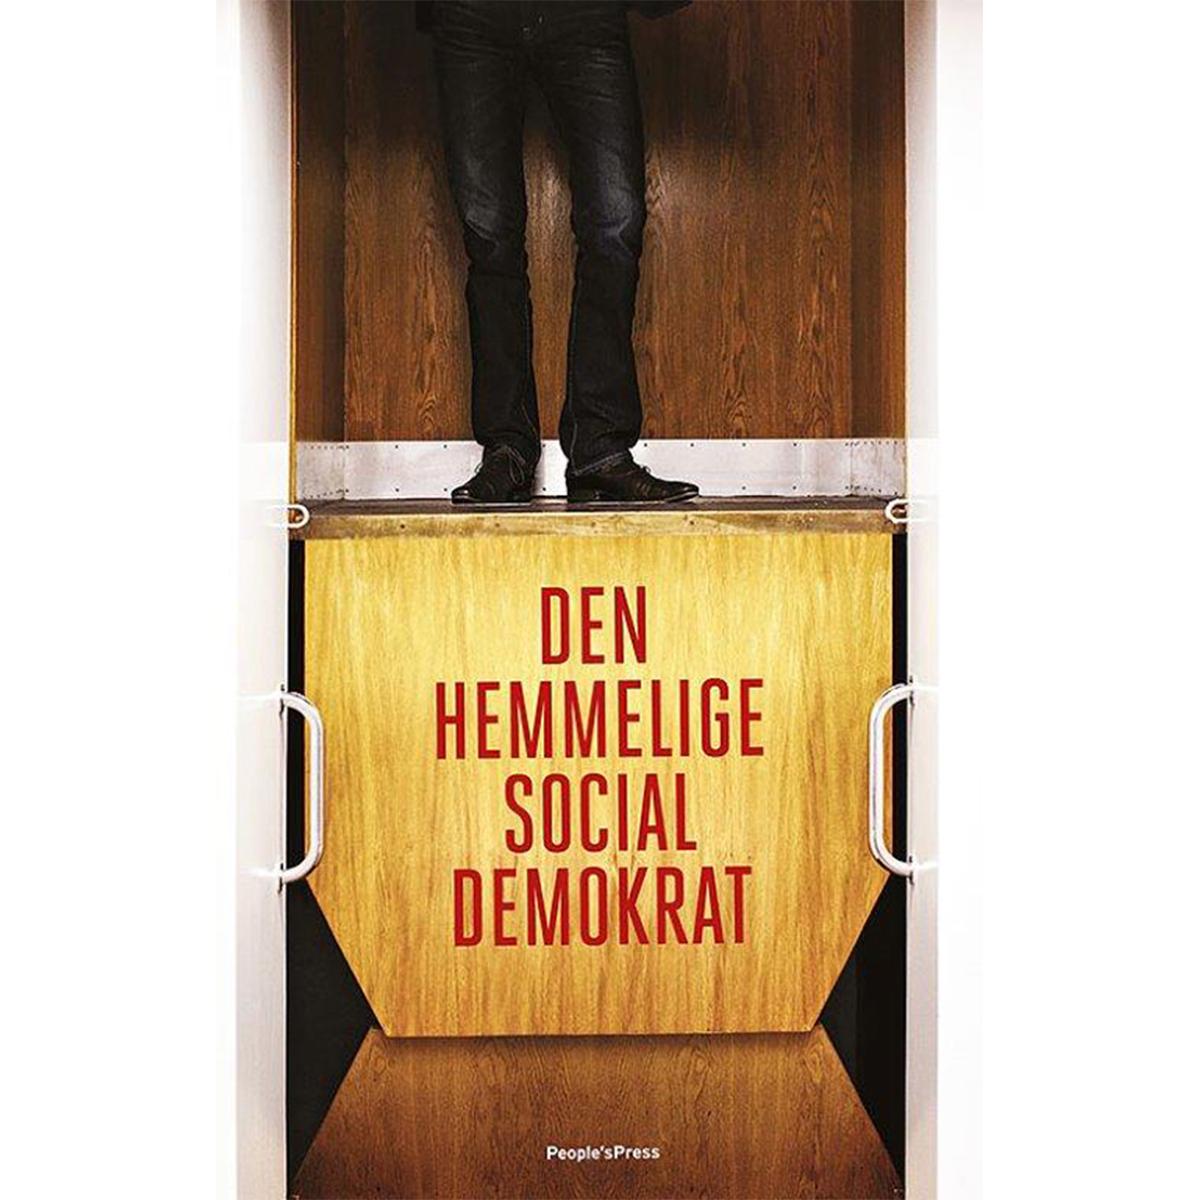 Den hemmelige socialdemokrat - Hæftet